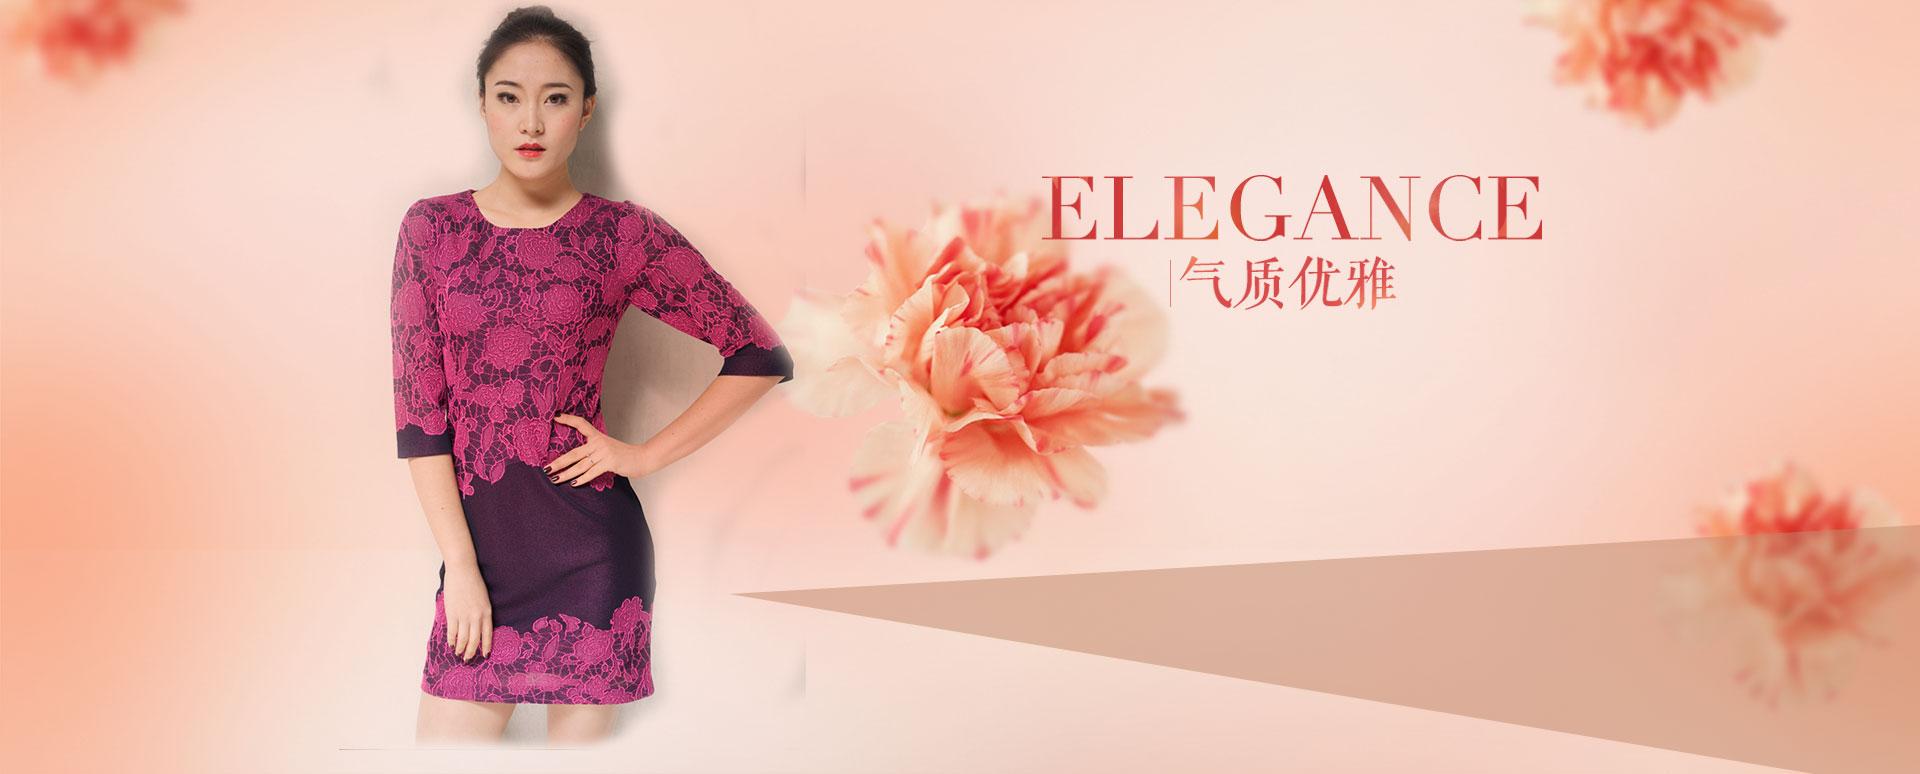 韩版服装|三醋酸面料|针织服装